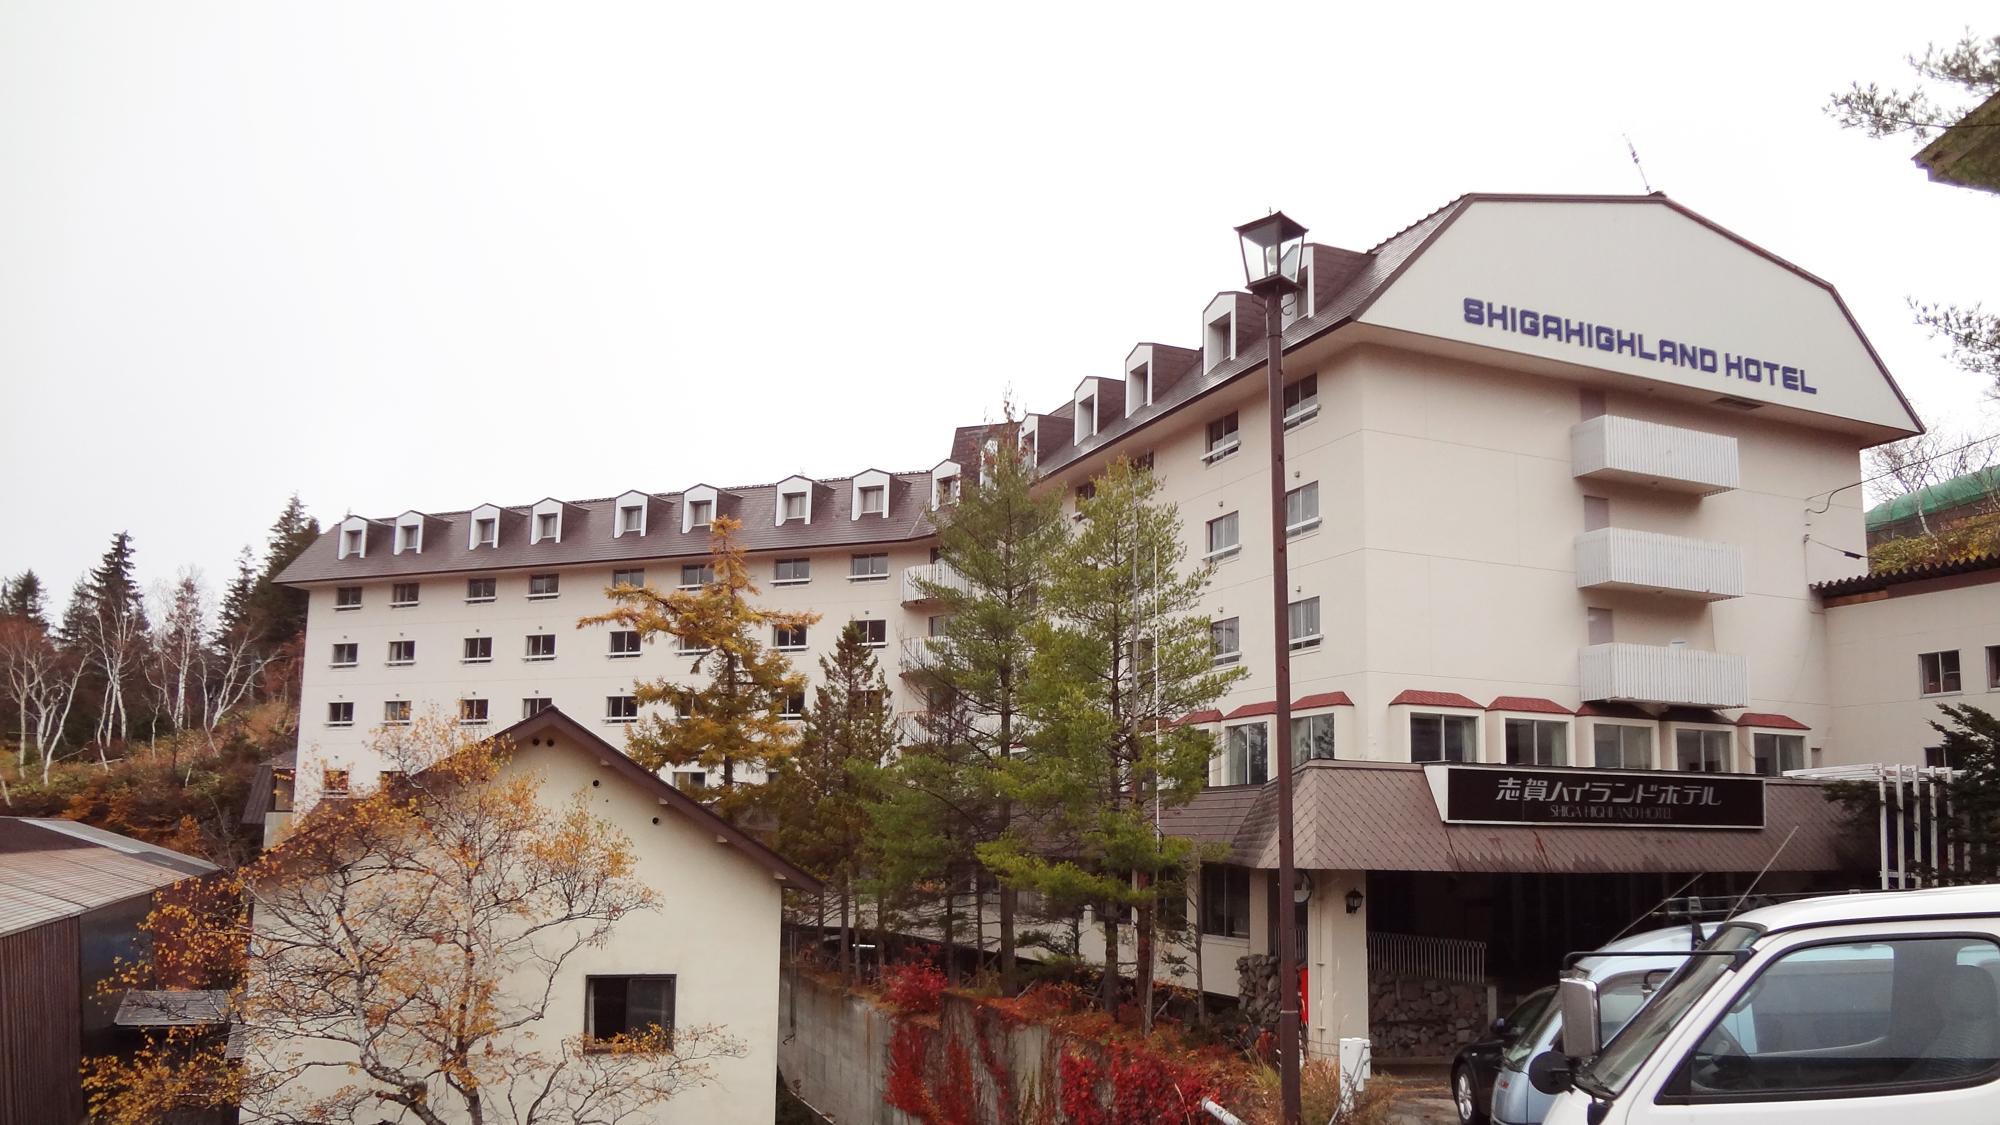 志賀ハイランドホテルの詳細